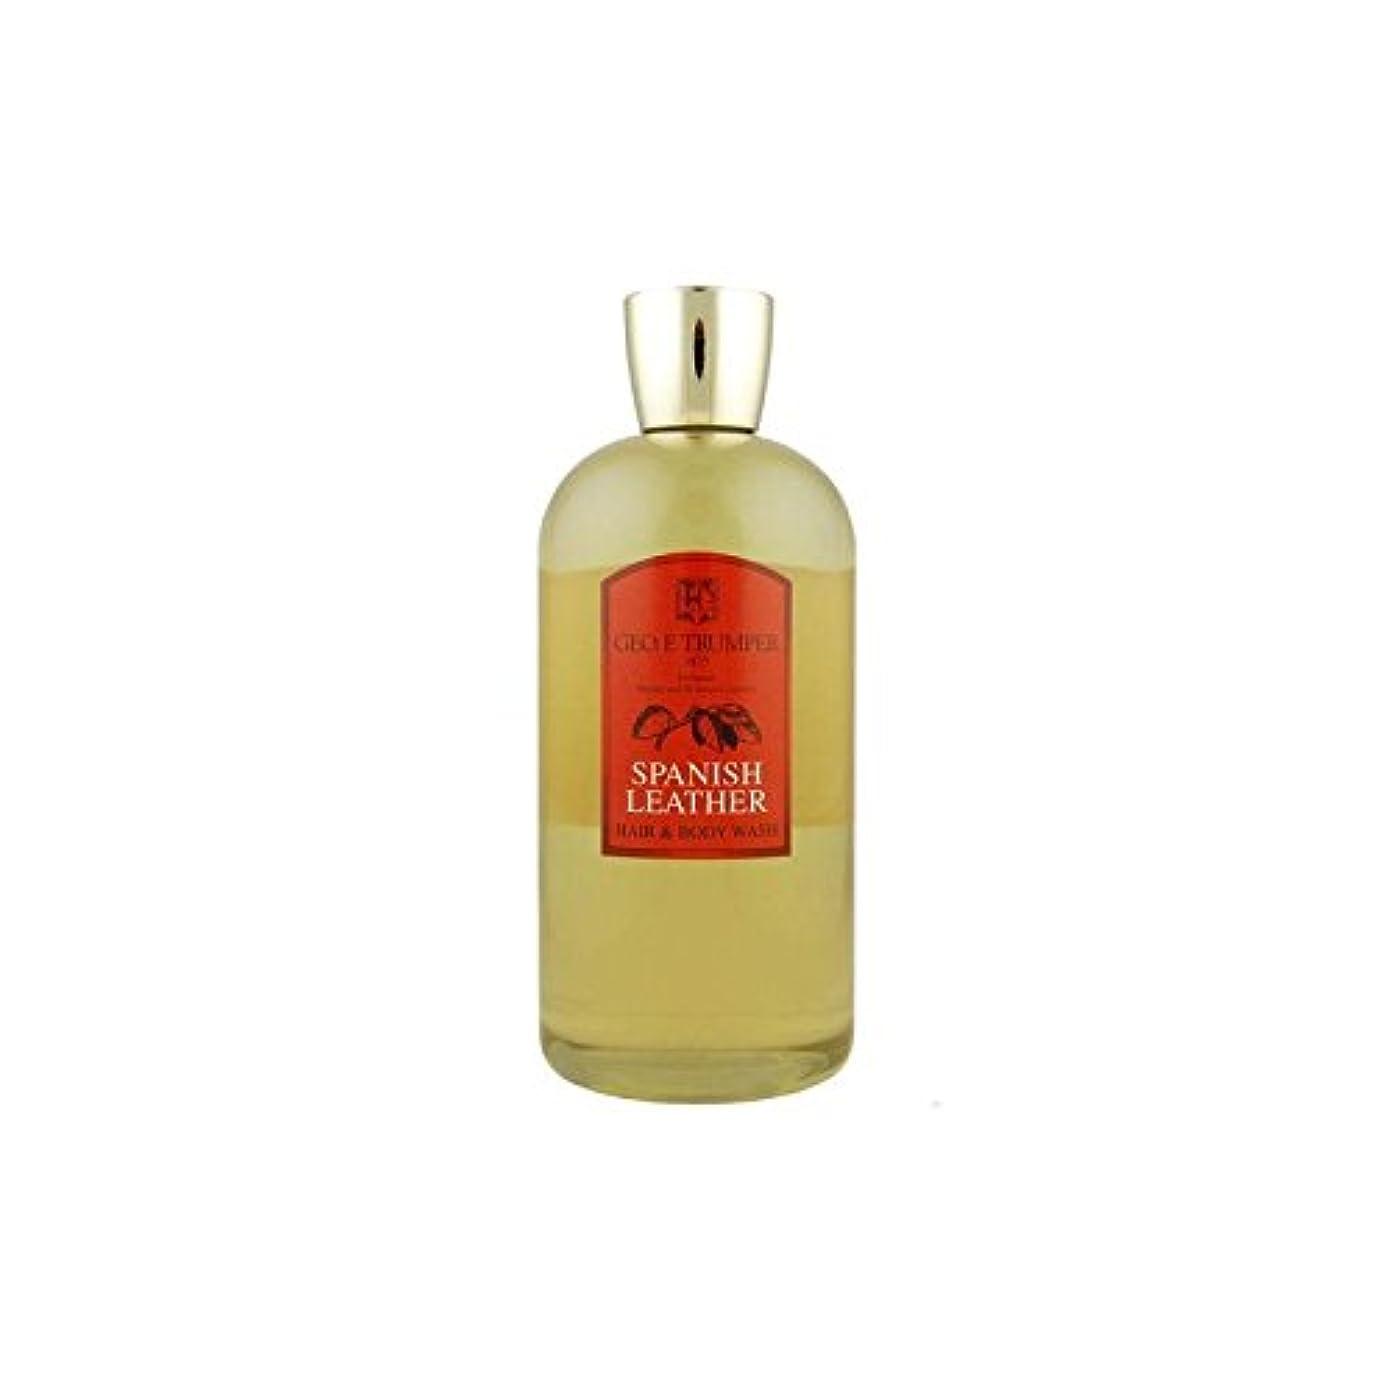 希少性橋脚安全なTrumpers Spanish Leather Hair and Body Wash - 500mlTravel Bottle (Pack of 6) - 革の髪とボディウォッシュスペイン語 - 500ボトル x6 [...